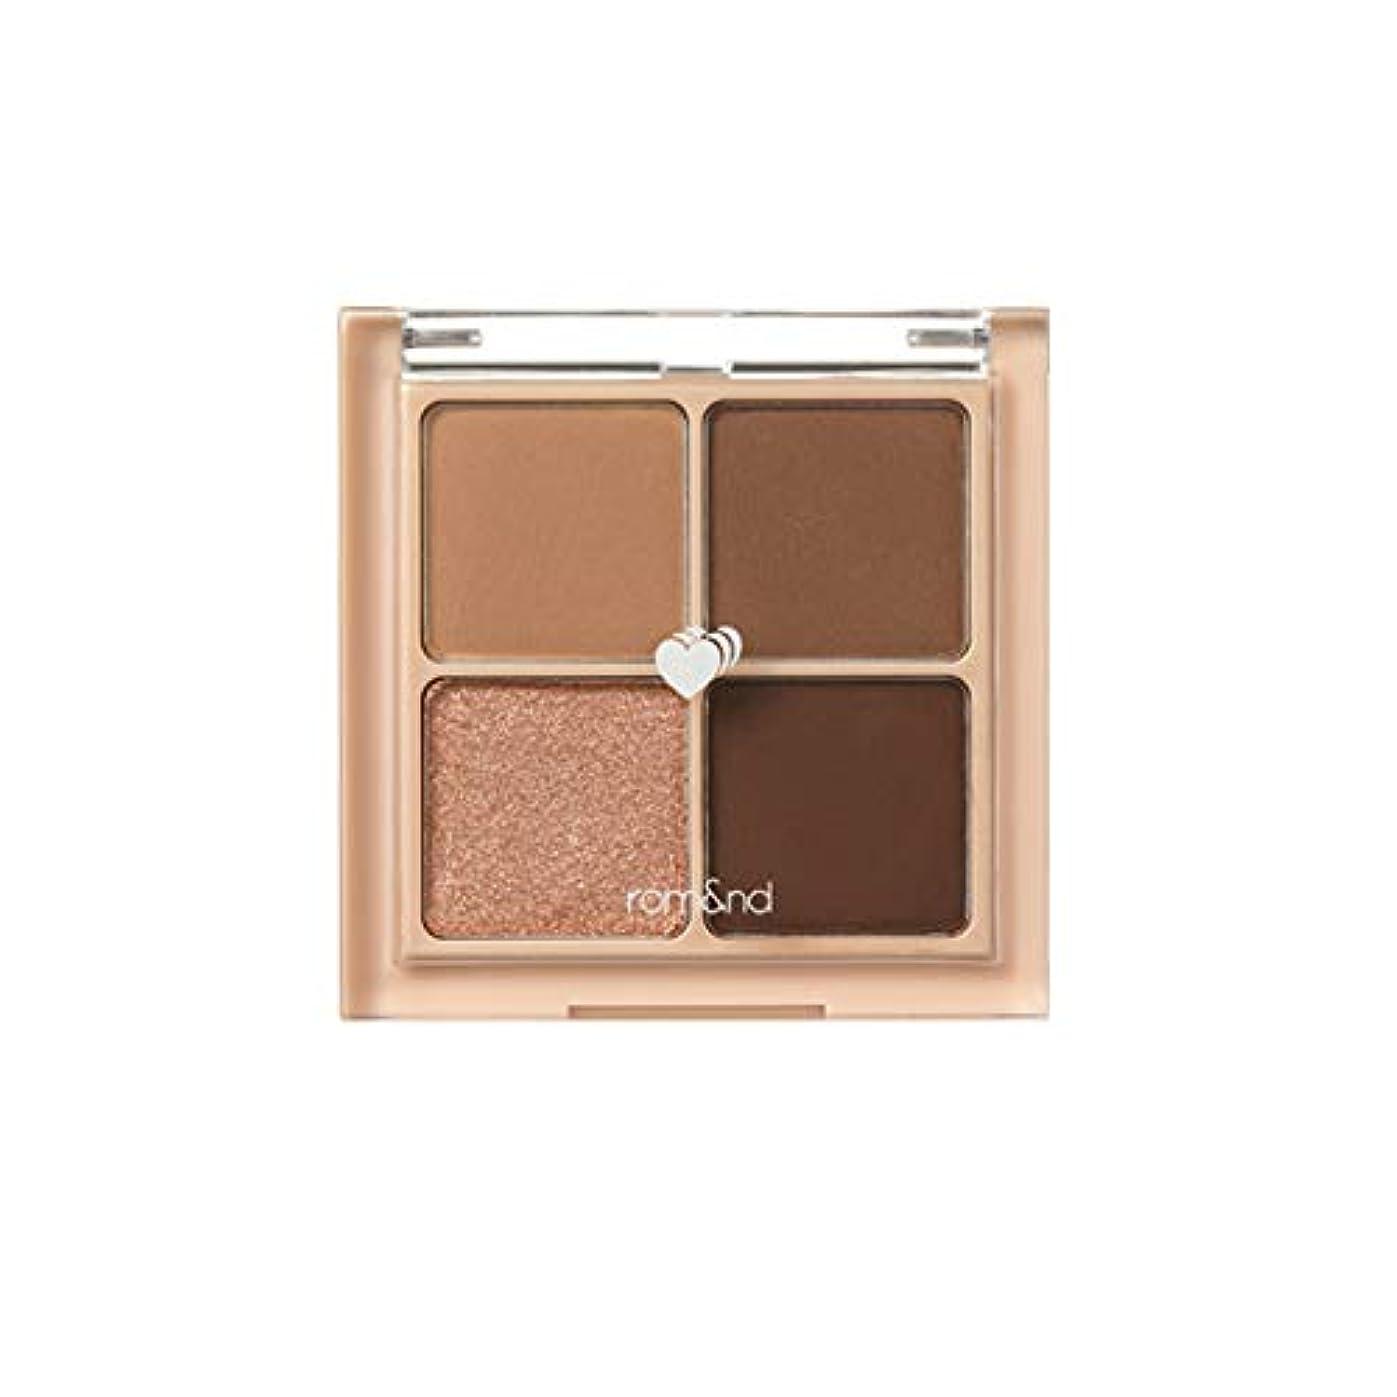 仲人発掘する歯科医rom&nd BETTER THAN EYES Eyeshadow Palette 4色のアイシャドウパレット # 3 DRY ragras(並行輸入品)